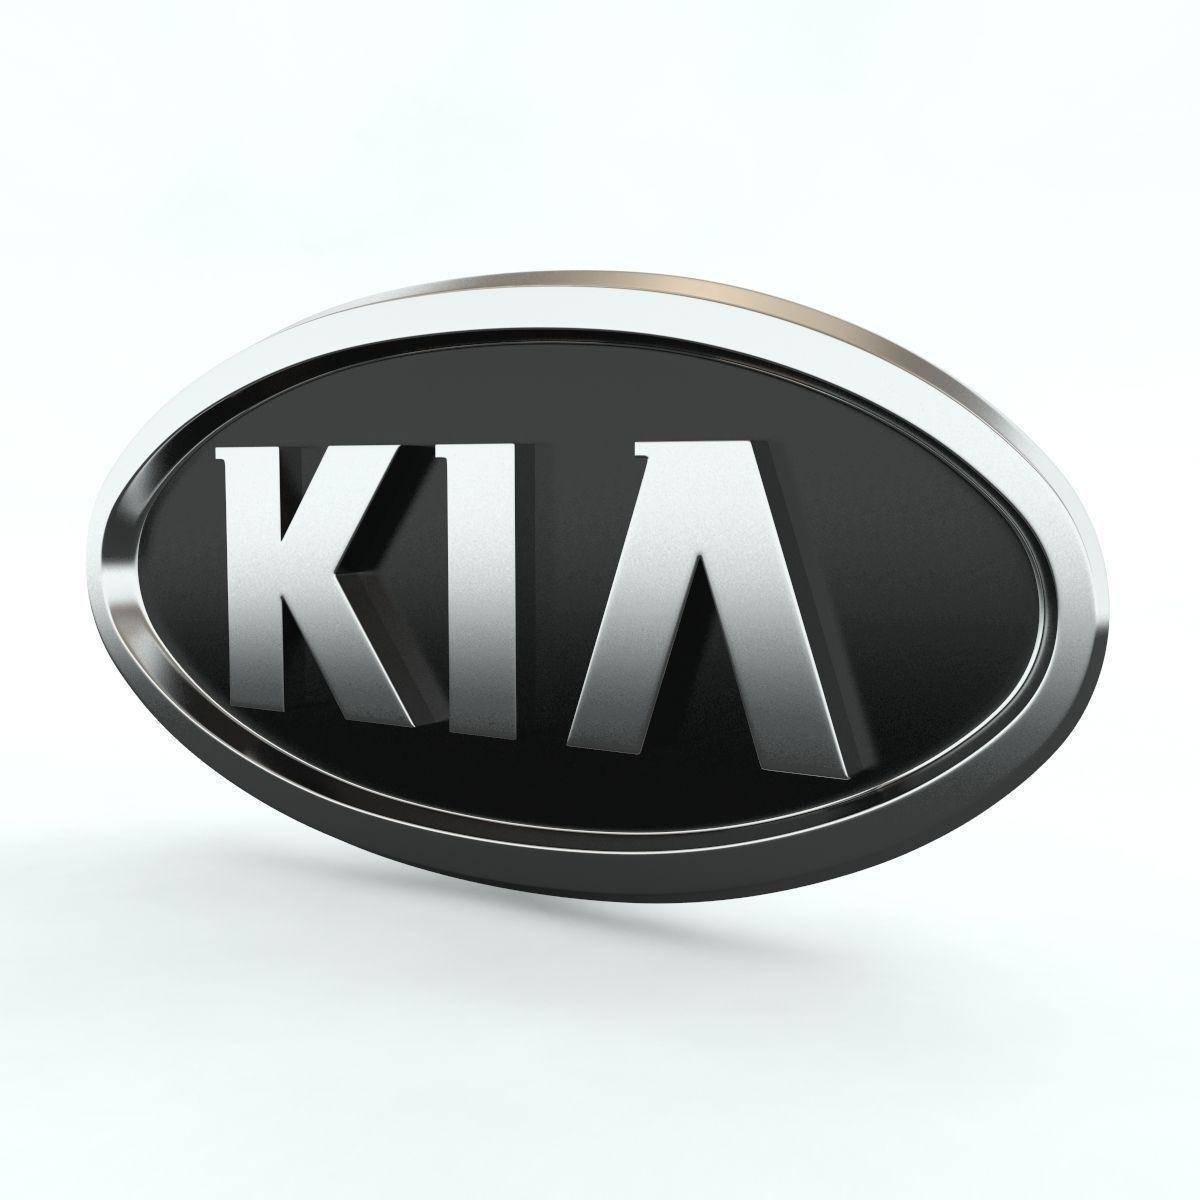 KIA Logo 3D Model max obj 3ds fbx CGTradercom : kialogo3dmodel3dsfbxobjmaxa5648d6a c846 4b71 a12d 3d8cece9c5c9 from www.cgtrader.com size 1200 x 1200 jpeg 66kB